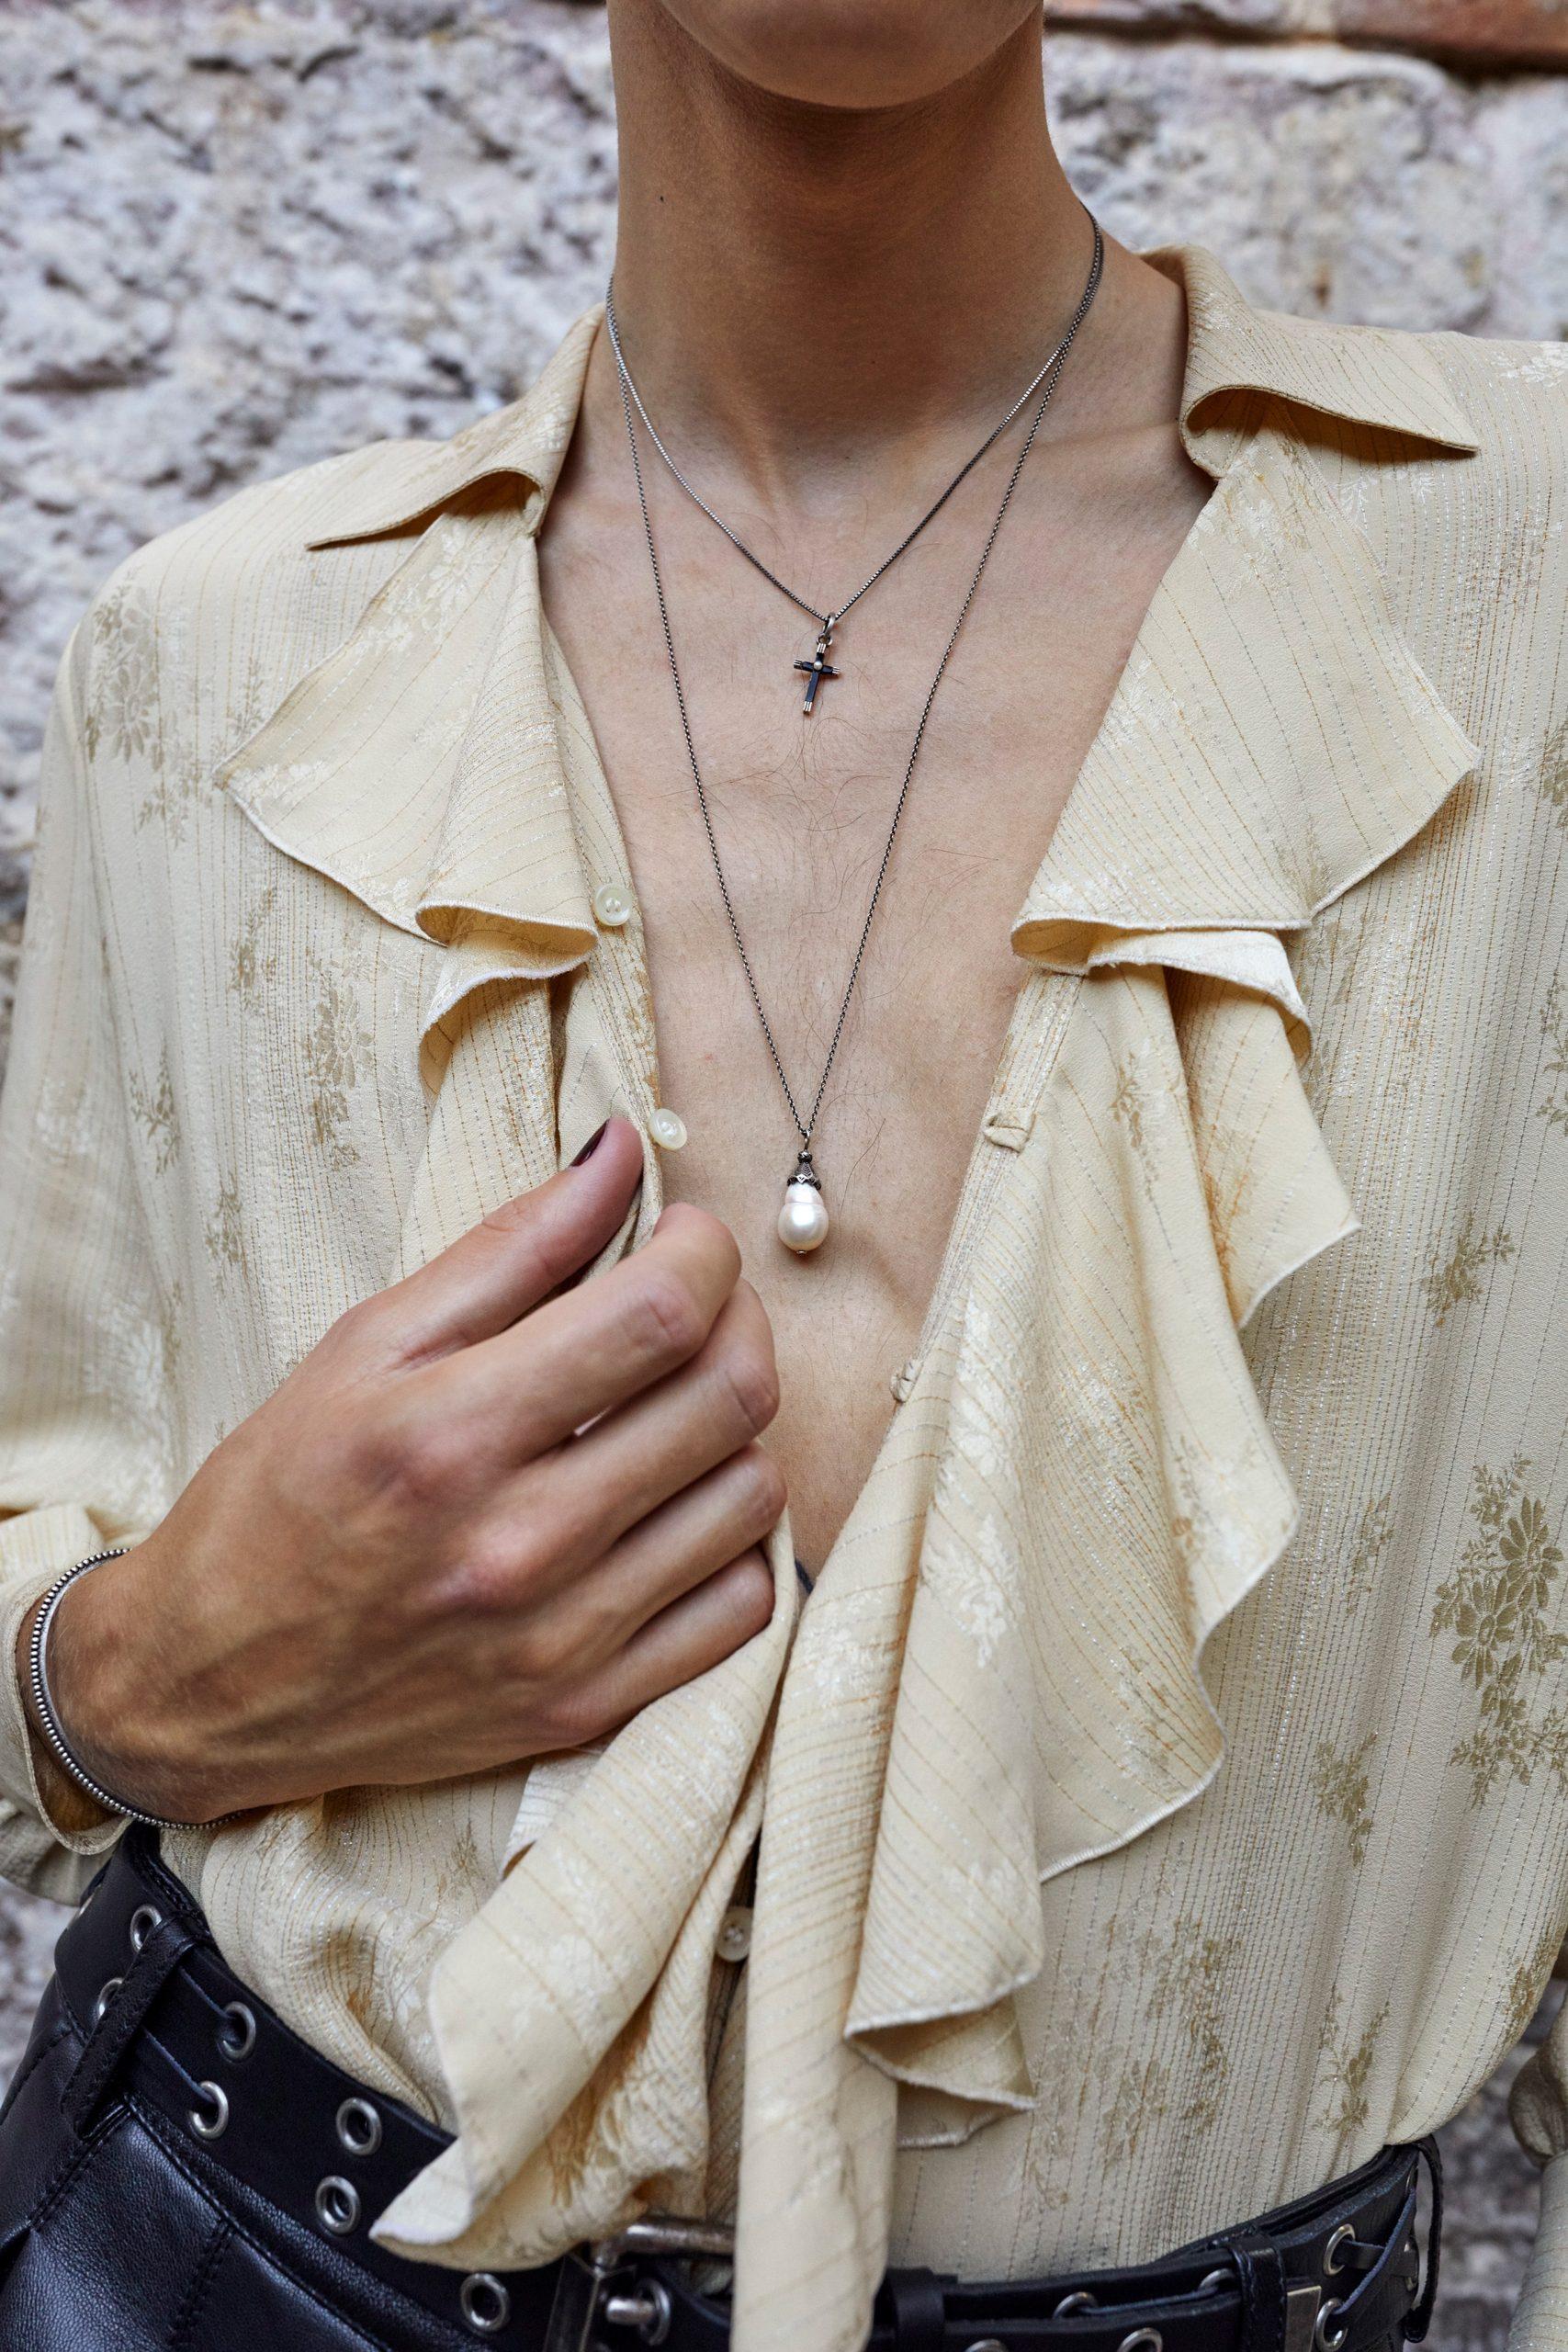 Блузы с жабо и бархатные костюмы в мужской коллекции Saint Laurent SS'22